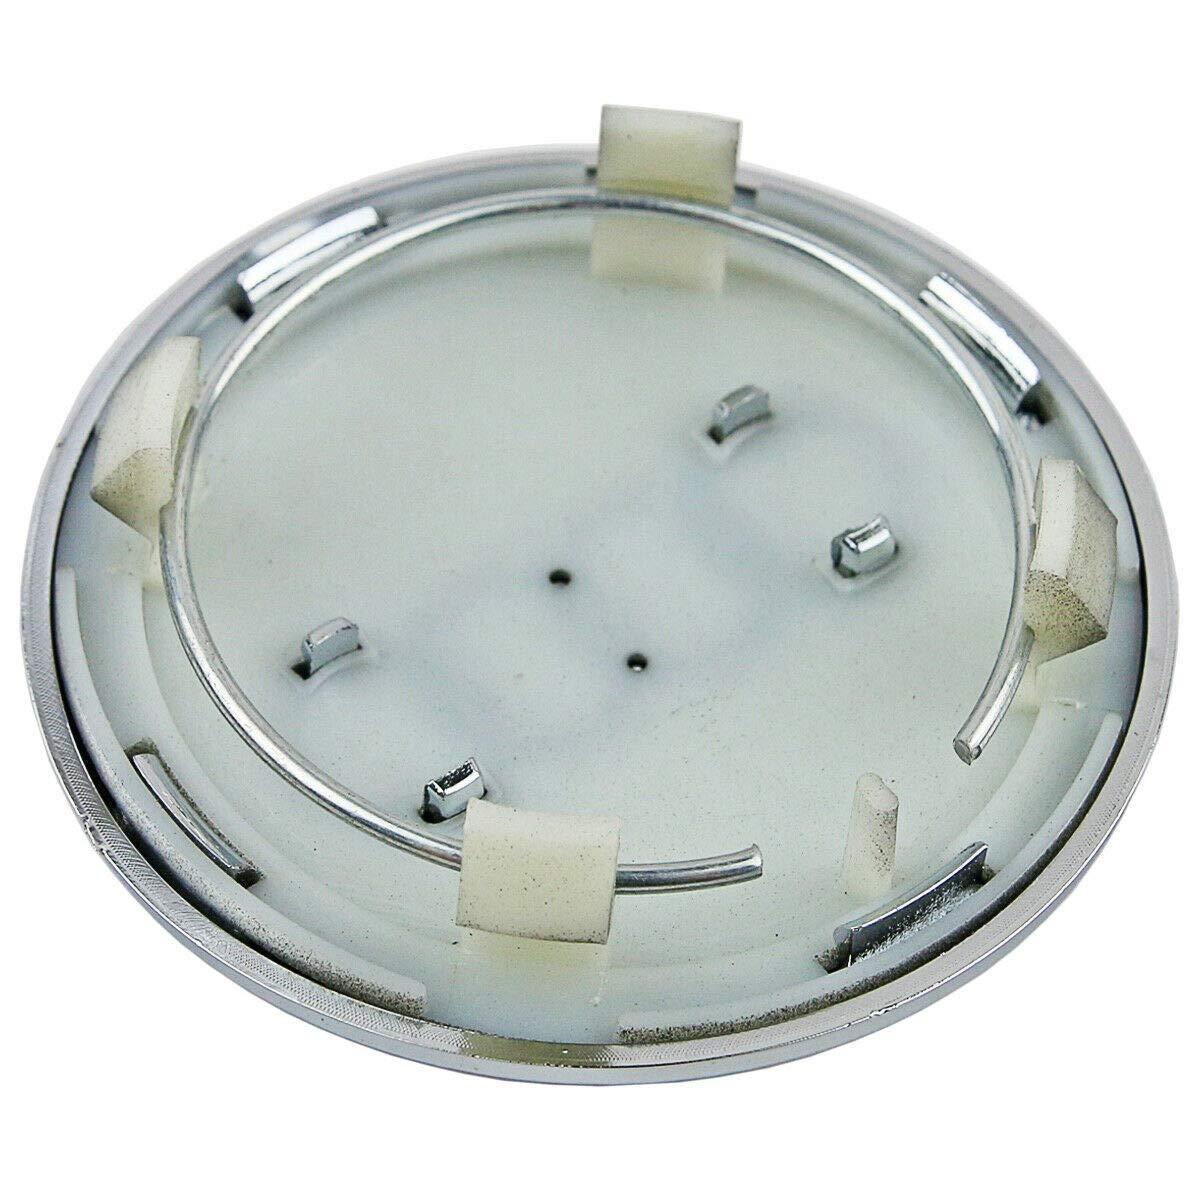 Marfed Coprimozzo da 61mm Grigio Scuro e Cromato per Cerchioni Tappi Pneumatico Ruota